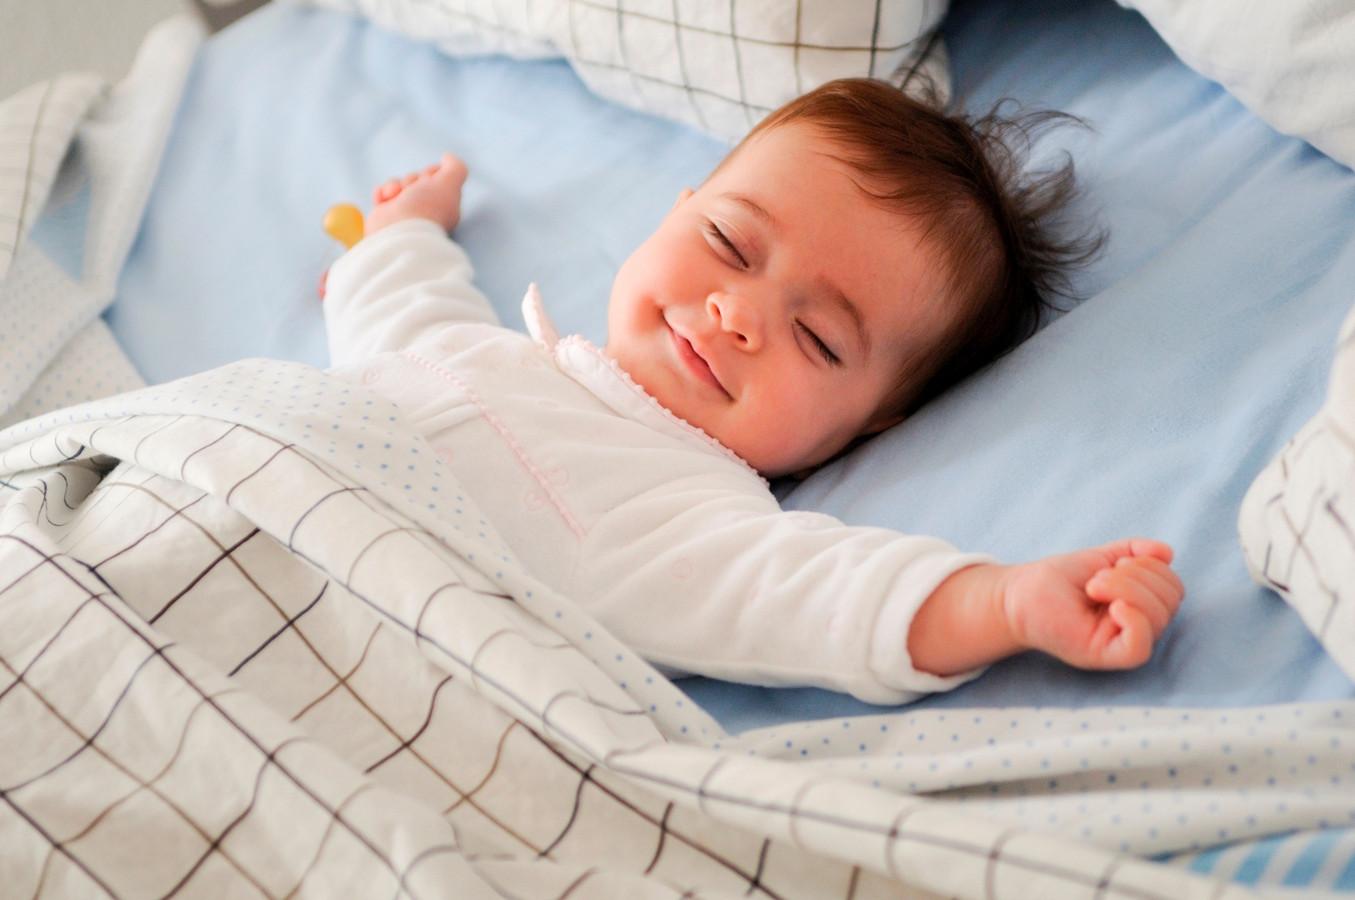 In babybedjes van de kinderopvang voldoet de luchtkwaliteit niet aan de normen.